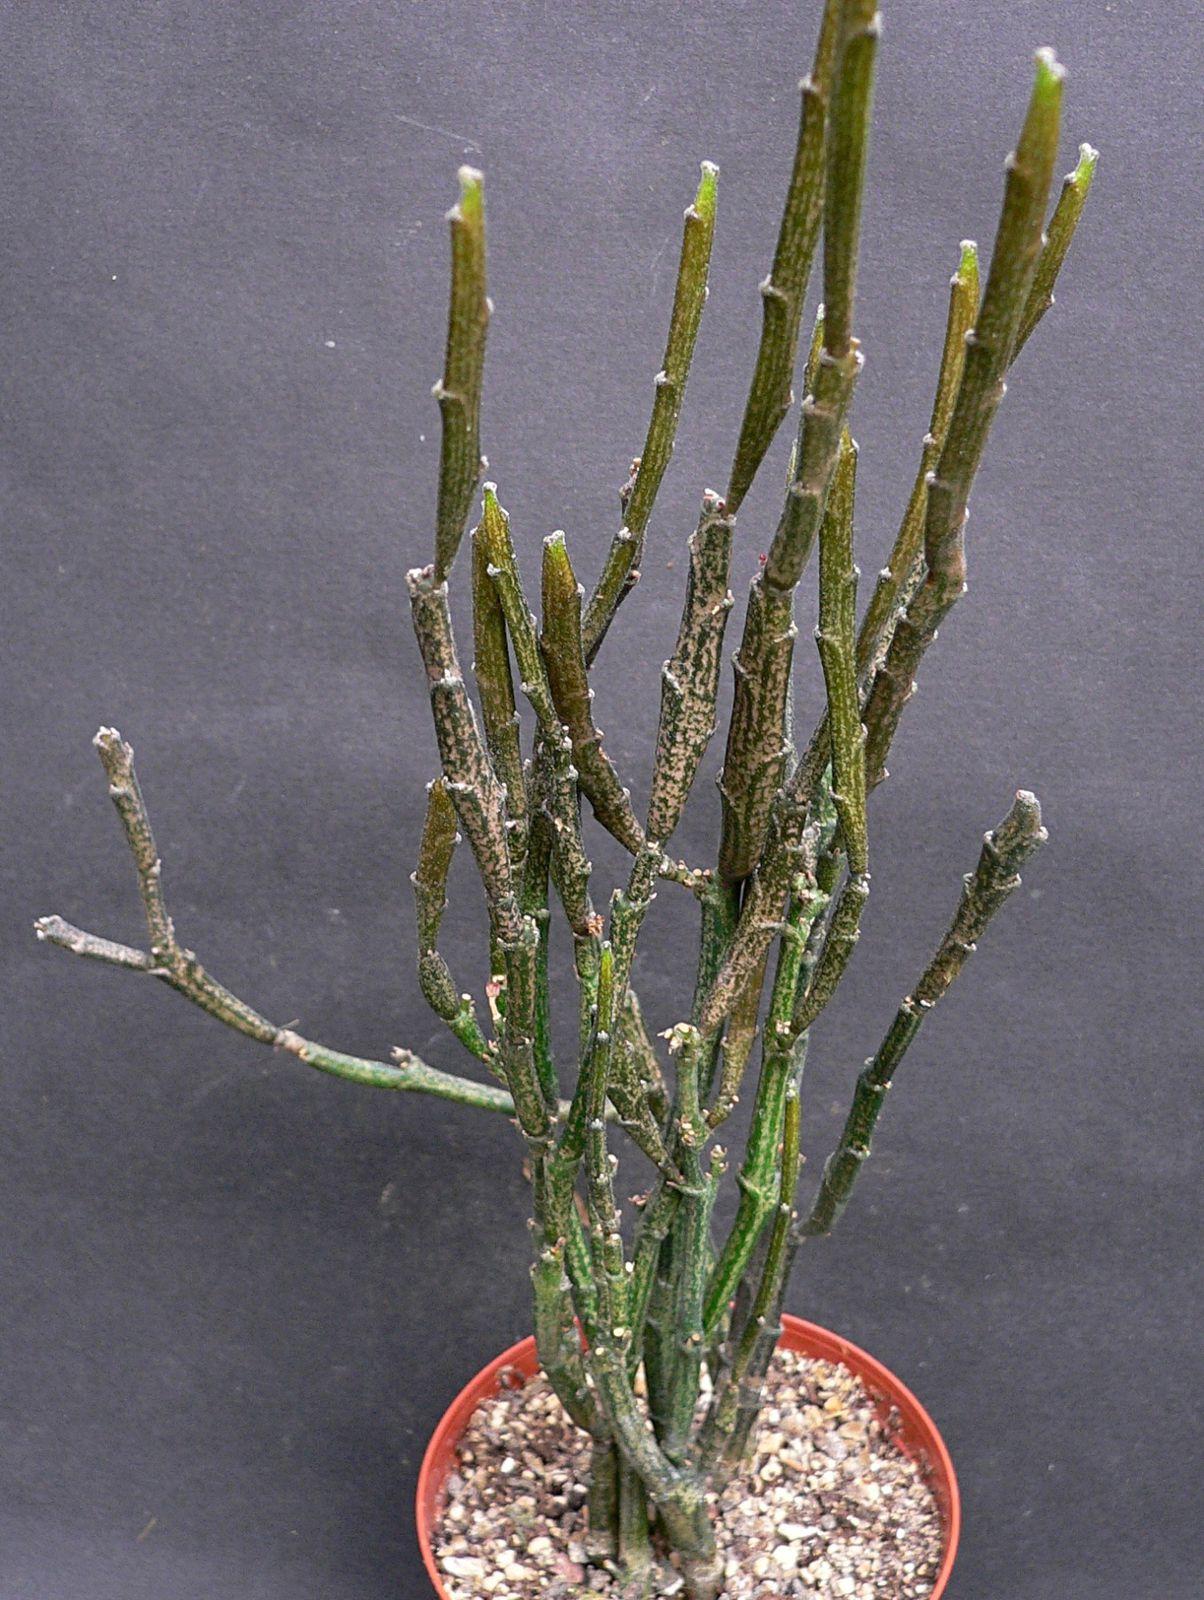 Principalement des euphorbes succulentes sont présentées ici. Ce sont des plantes très variées et à l'architecture des tiges très esthétique.